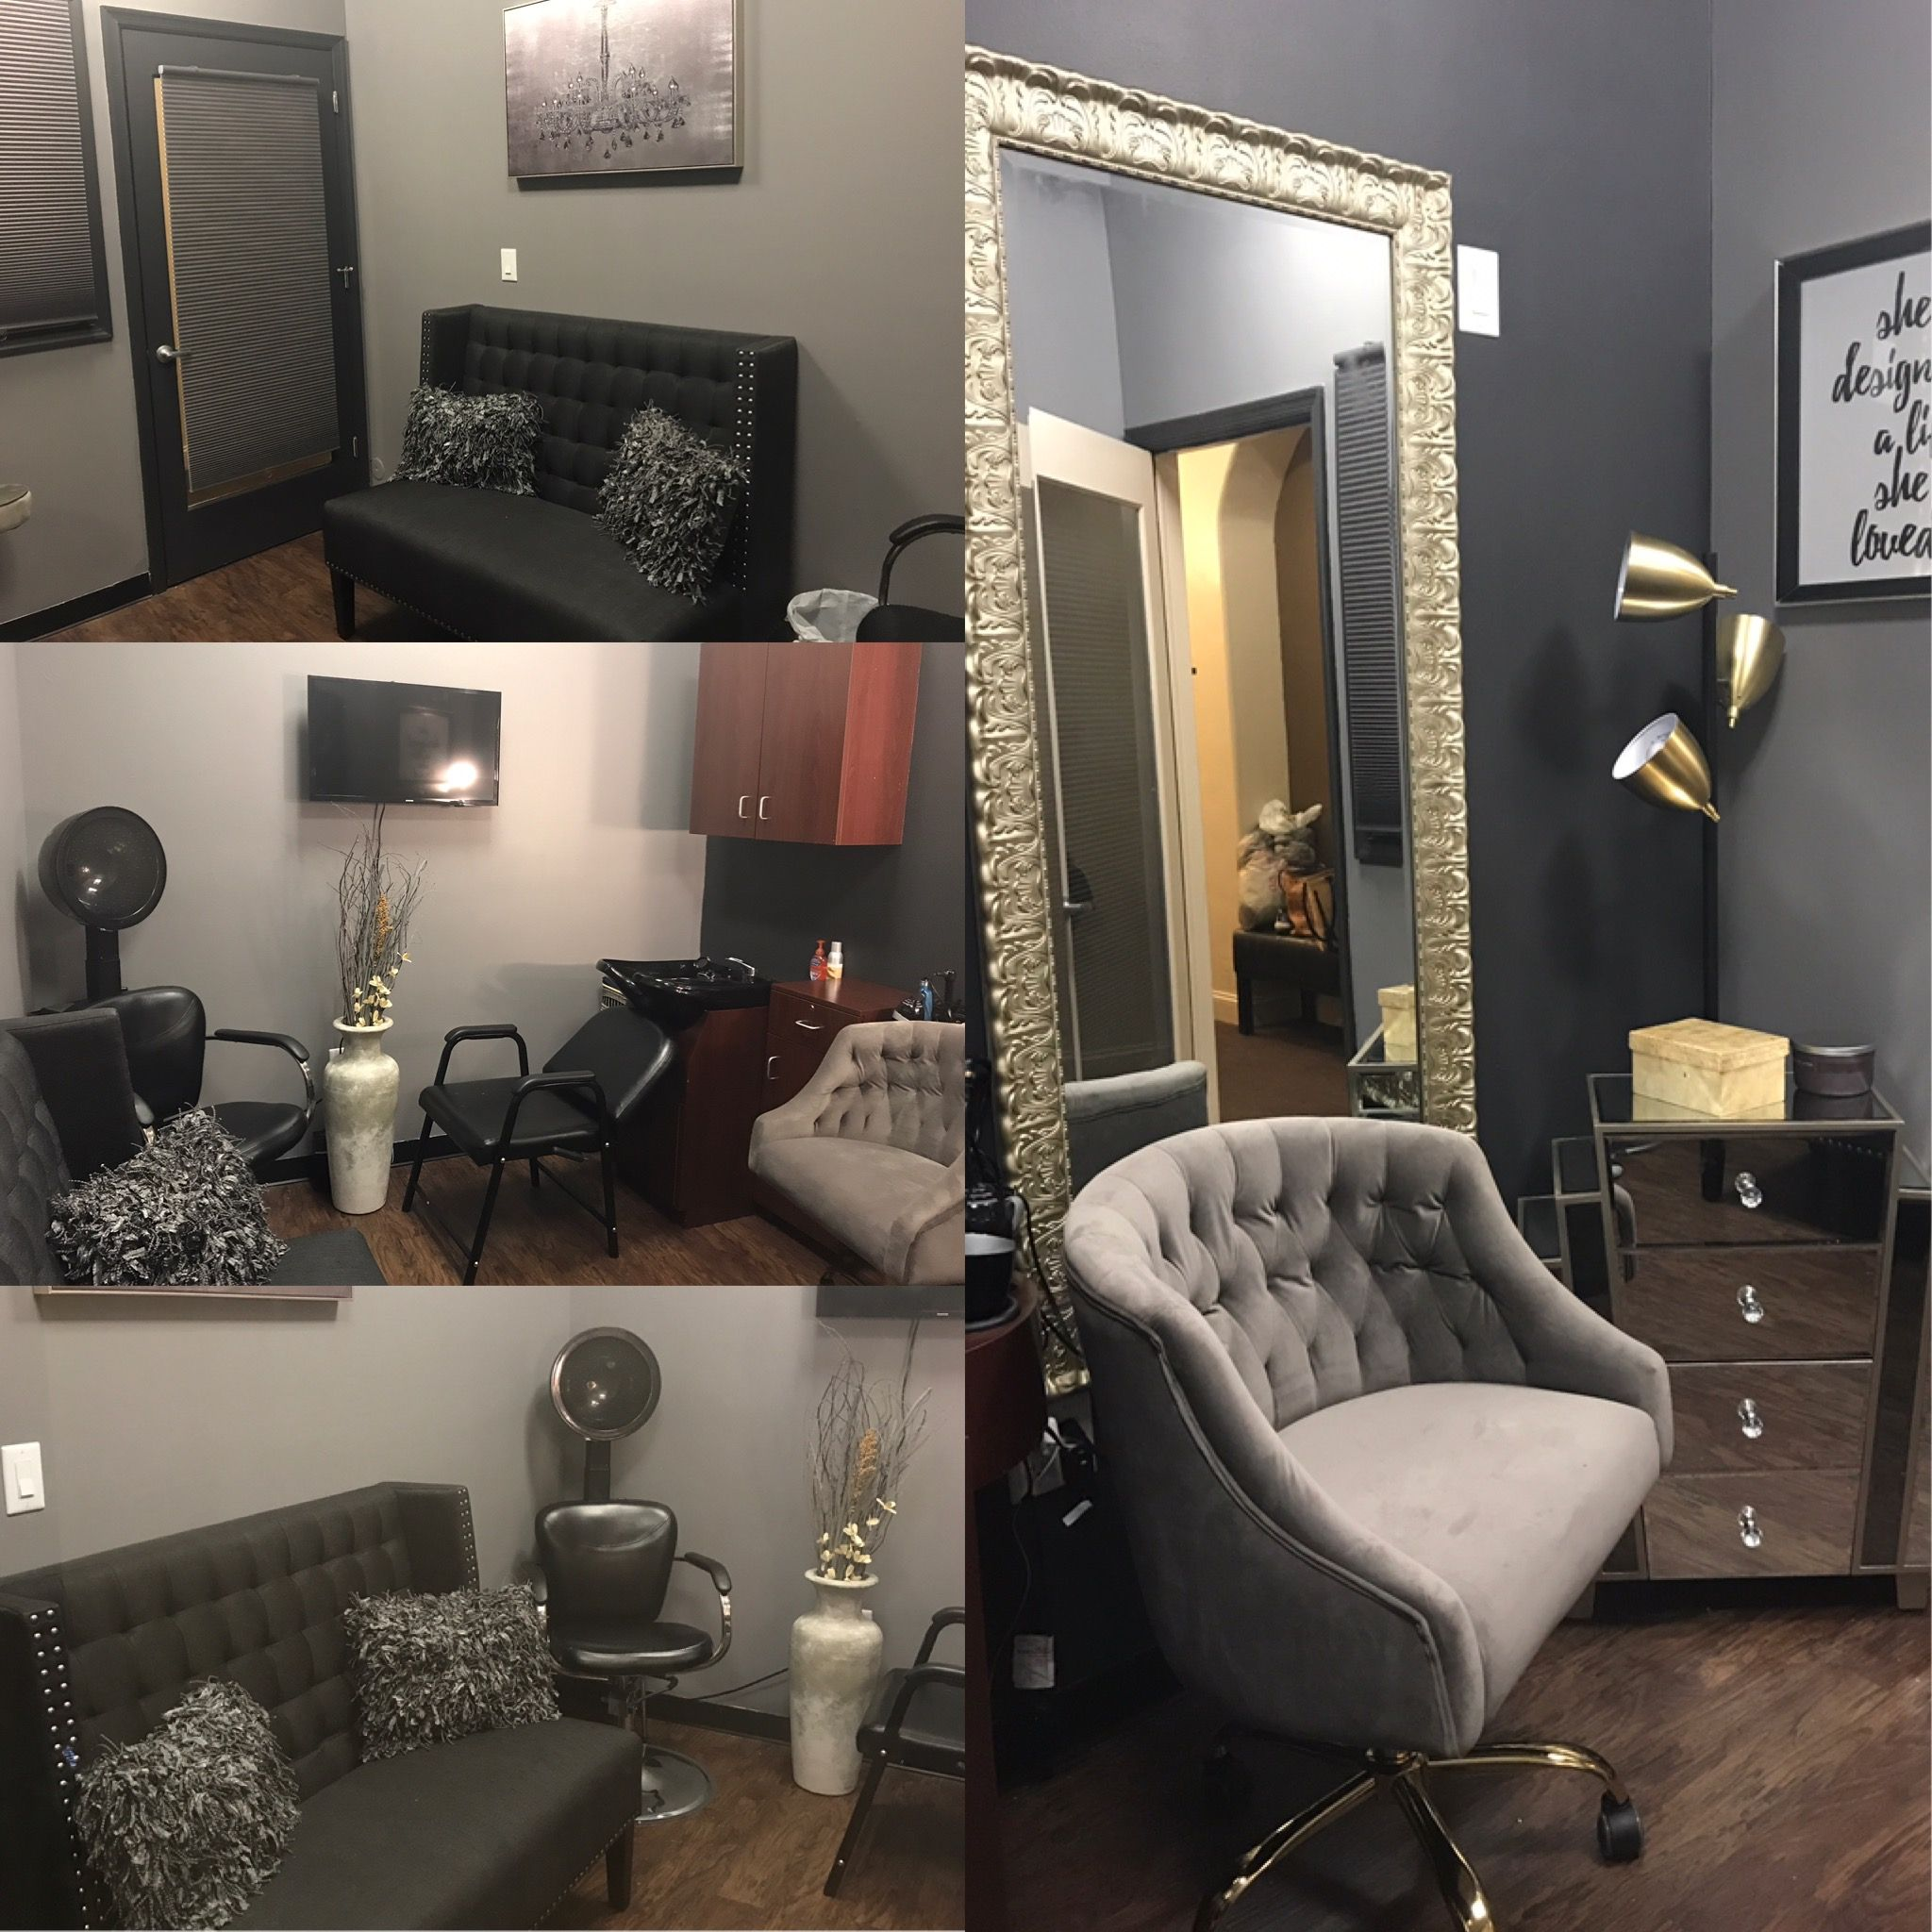 Phenix Salon Suites Laurel Maryland Salon Suites Decor Hair Salon Decor Salon Decor